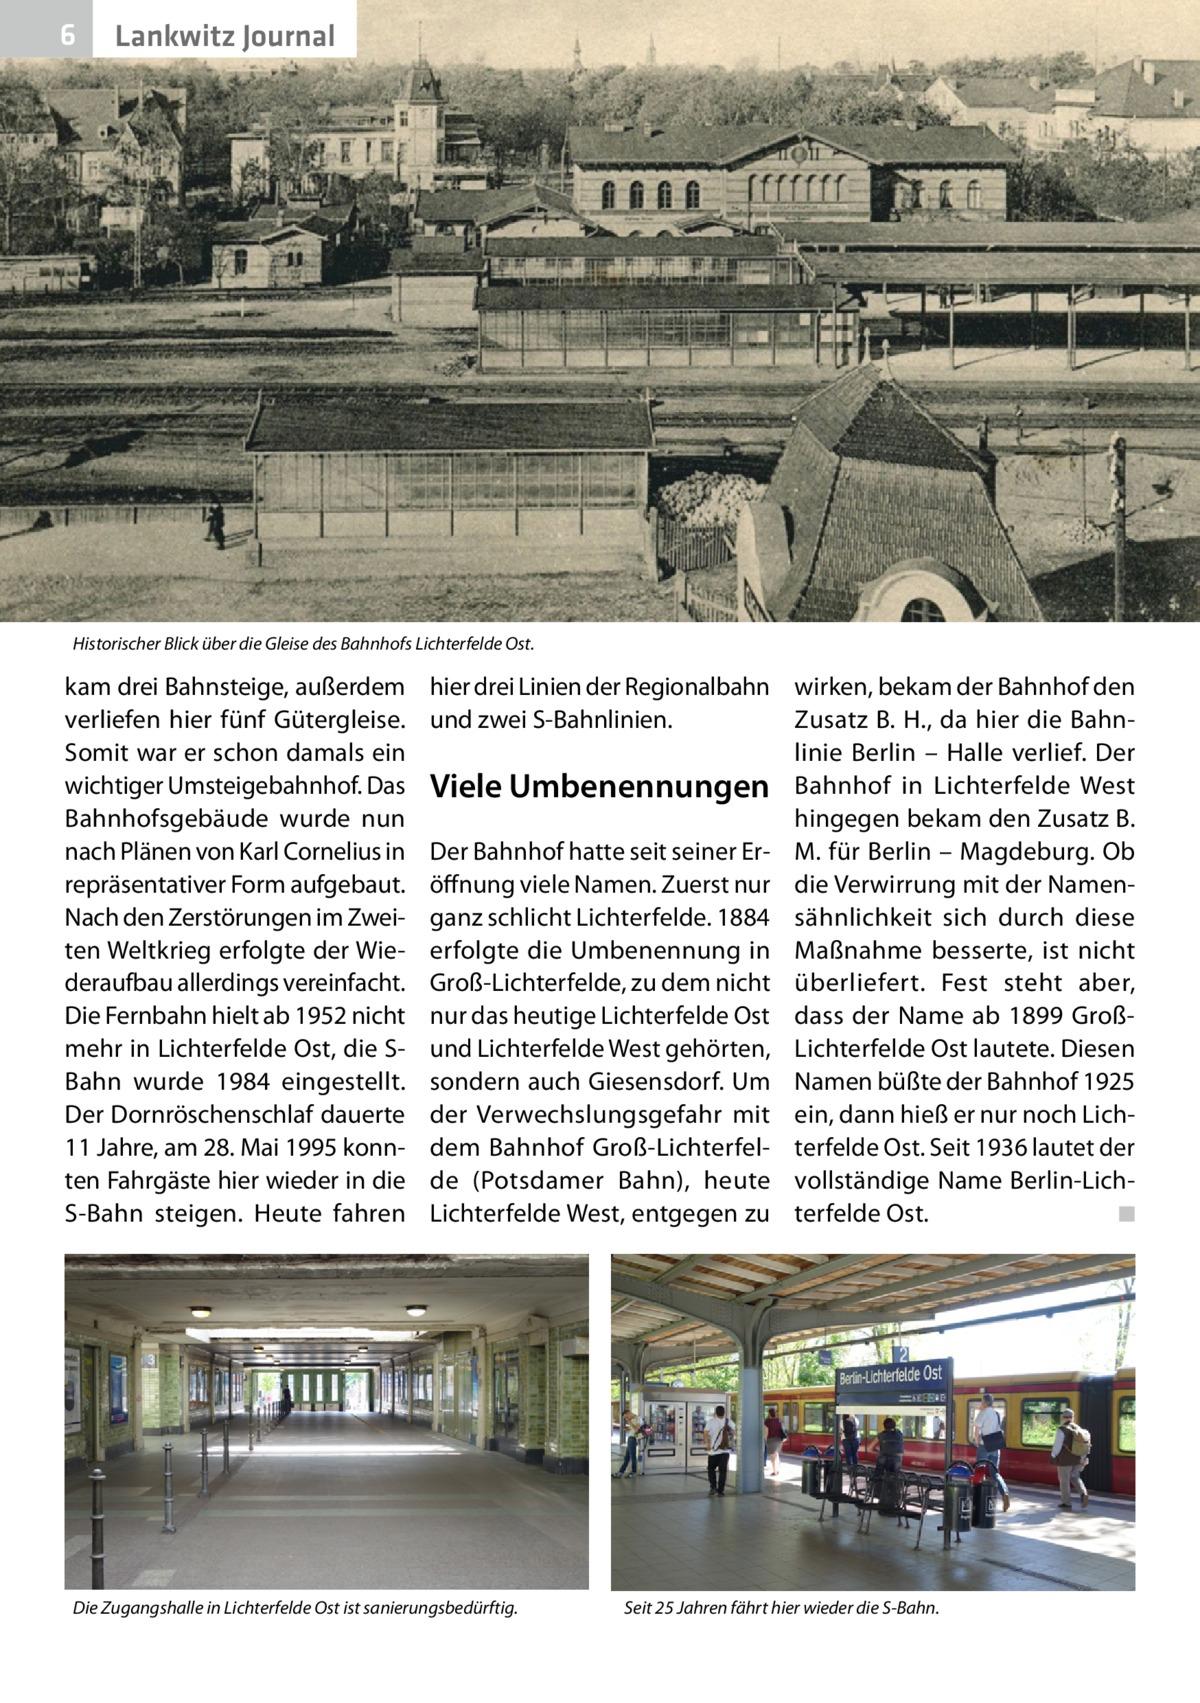 6  Lankwitz Journal  Historischer Blick über die Gleise des Bahnhofs Lichterfelde Ost.  kam drei Bahnsteige, außerdem verliefen hier fünf Gütergleise. Somit war er schon damals ein wichtiger Umsteigebahnhof. Das Bahnhofsgebäude wurde nun nach Plänen von Karl Cornelius in repräsentativer Form aufgebaut. Nach den Zerstörungen im Zweiten Weltkrieg erfolgte der Wiederaufbau allerdings vereinfacht. Die Fernbahn hielt ab 1952 nicht mehr in Lichterfelde Ost, die SBahn wurde 1984 eingestellt. Der Dornröschenschlaf dauerte 11Jahre, am 28.Mai 1995 konnten Fahrgäste hier wieder in die S-Bahn steigen. Heute fahren  hier drei Linien der Regionalbahn wirken, bekam der Bahnhof den und zwei S-Bahnlinien. Zusatz B.H., da hier die Bahnlinie Berlin – Halle verlief. Der Viele Umbenennungen Bahnhof in Lichterfelde West hingegen bekam den Zusatz B. Der Bahnhof hatte seit seiner Er- M. für Berlin – Magdeburg. Ob öffnung viele Namen. Zuerst nur die Verwirrung mit der Namenganz schlicht Lichterfelde. 1884 sähnlichkeit sich durch diese erfolgte die Umbenennung in Maßnahme besserte, ist nicht Groß-Lichterfelde, zu dem nicht überliefert. Fest steht aber, nur das heutige Lichterfelde Ost dass der Name ab 1899 Großund Lichterfelde West gehörten, Lichterfelde Ost lautete. Diesen sondern auch Giesensdorf. Um Namen büßte der Bahnhof 1925 der Verwechslungsgefahr mit ein, dann hieß er nur noch Lichdem Bahnhof Groß-Lichterfel- terfelde Ost. Seit 1936 lautet der de (Potsdamer Bahn), heute vollständige Name Berlin-LichLichterfelde West, entgegen zu terfelde Ost. � ◾  Die Zugangshalle in Lichterfelde Ost ist sanierungsbedürftig.  Seit 25Jahren fährt hier wieder die S-Bahn.